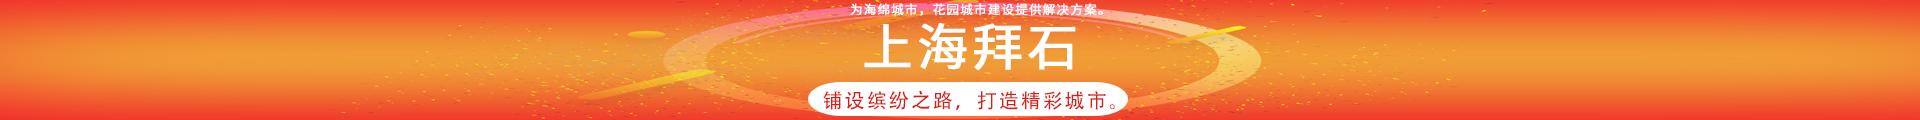 上海拜石實業發展有限公司